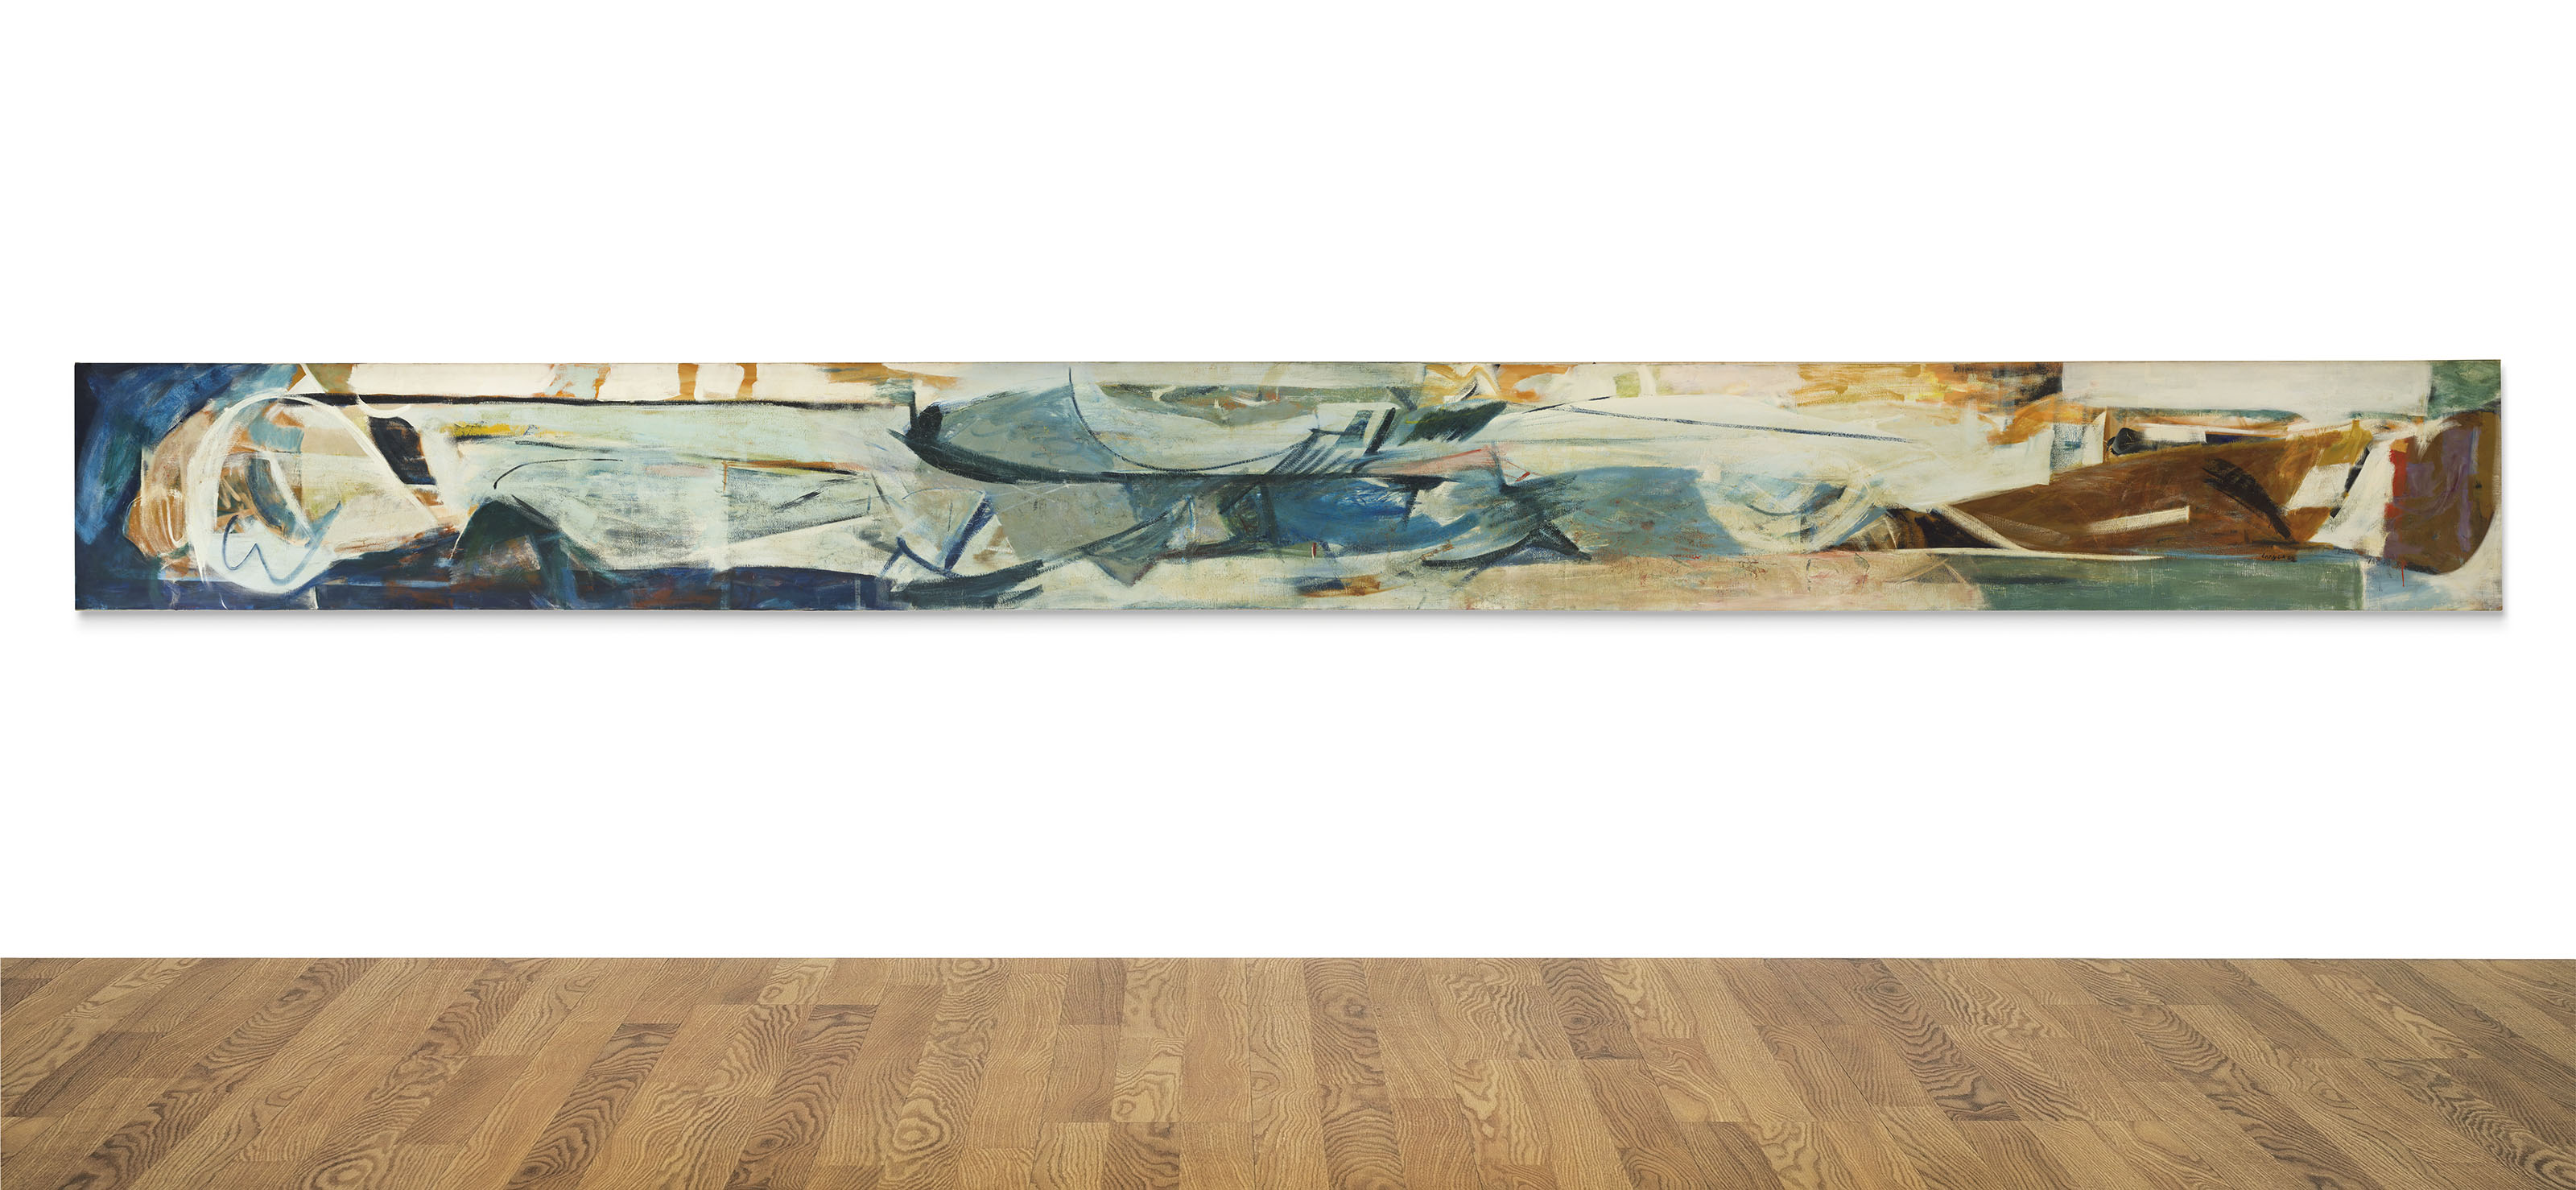 Peter Lanyon (1918-1964)